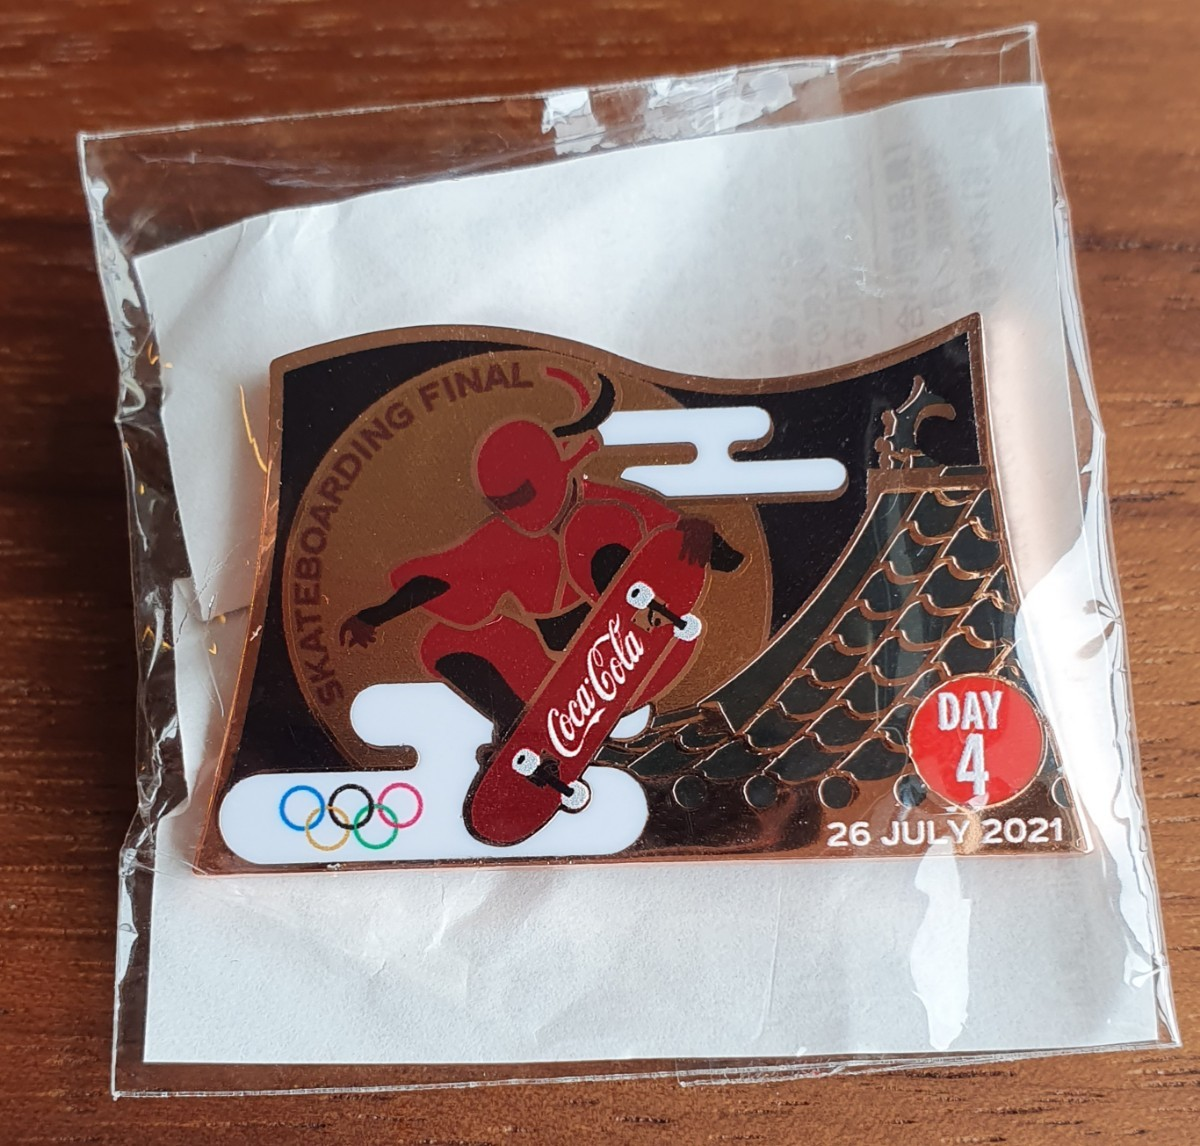 東京オリンピック コカコーラ 4日目 デイピン day4 ピンバッジ